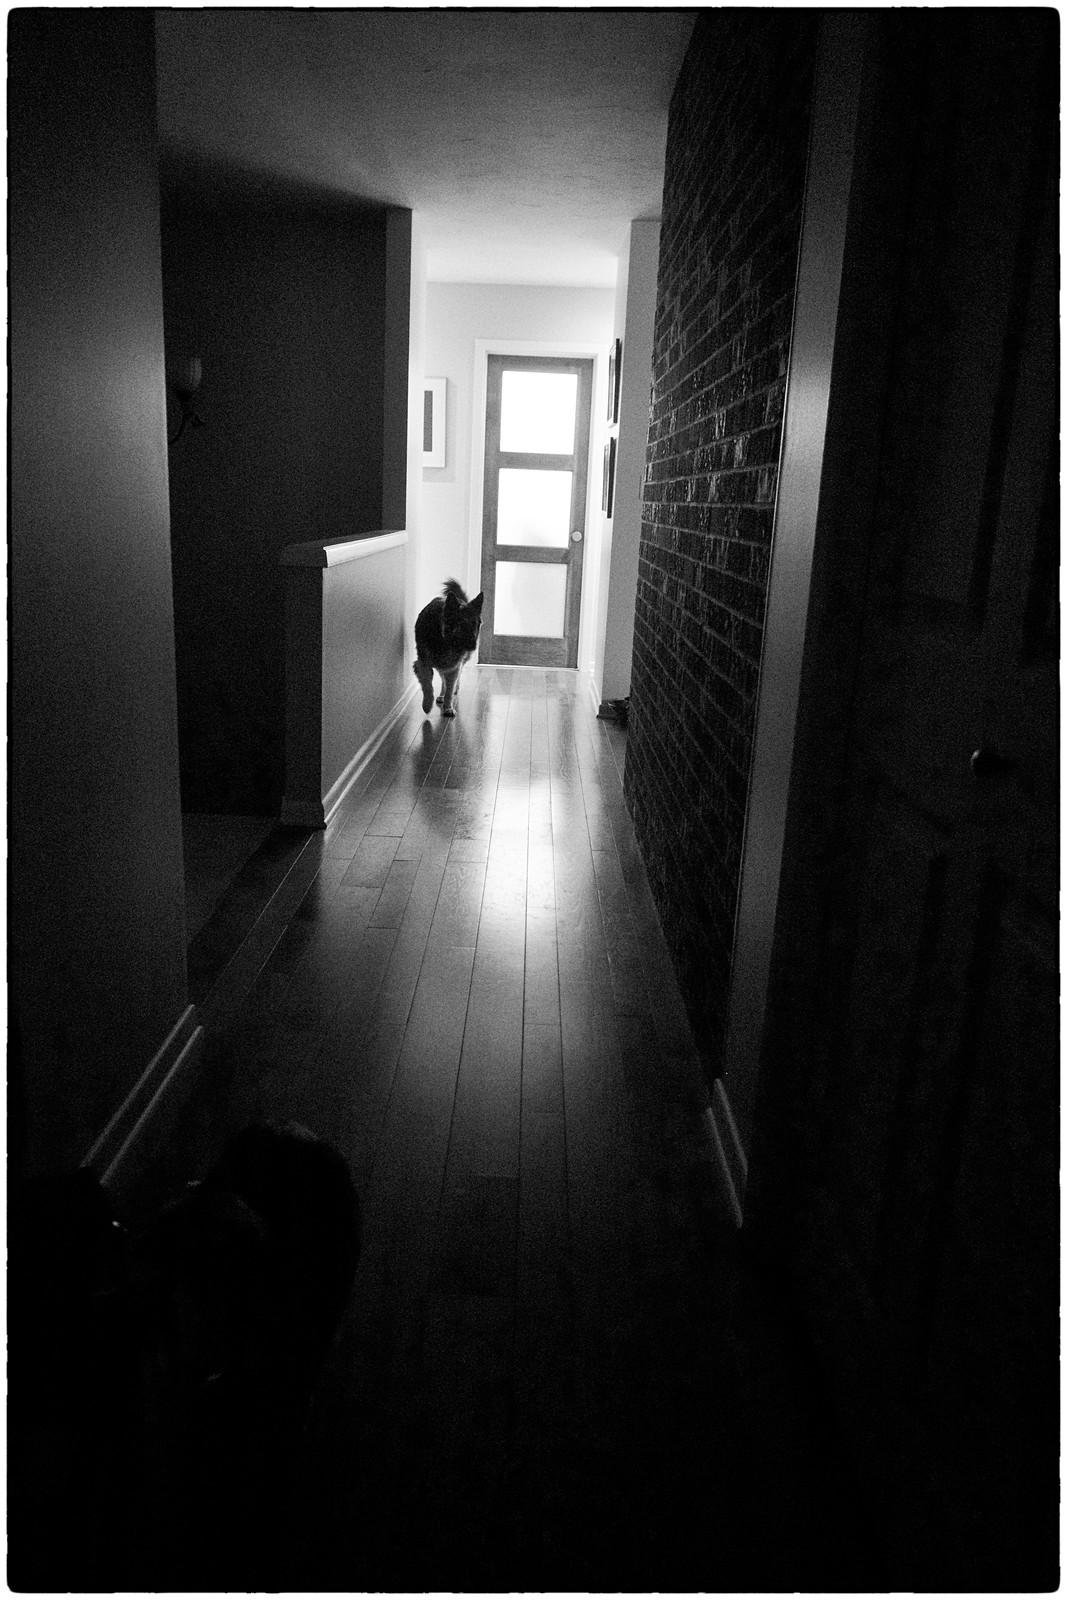 Tasha Hallway, December 21, 2104